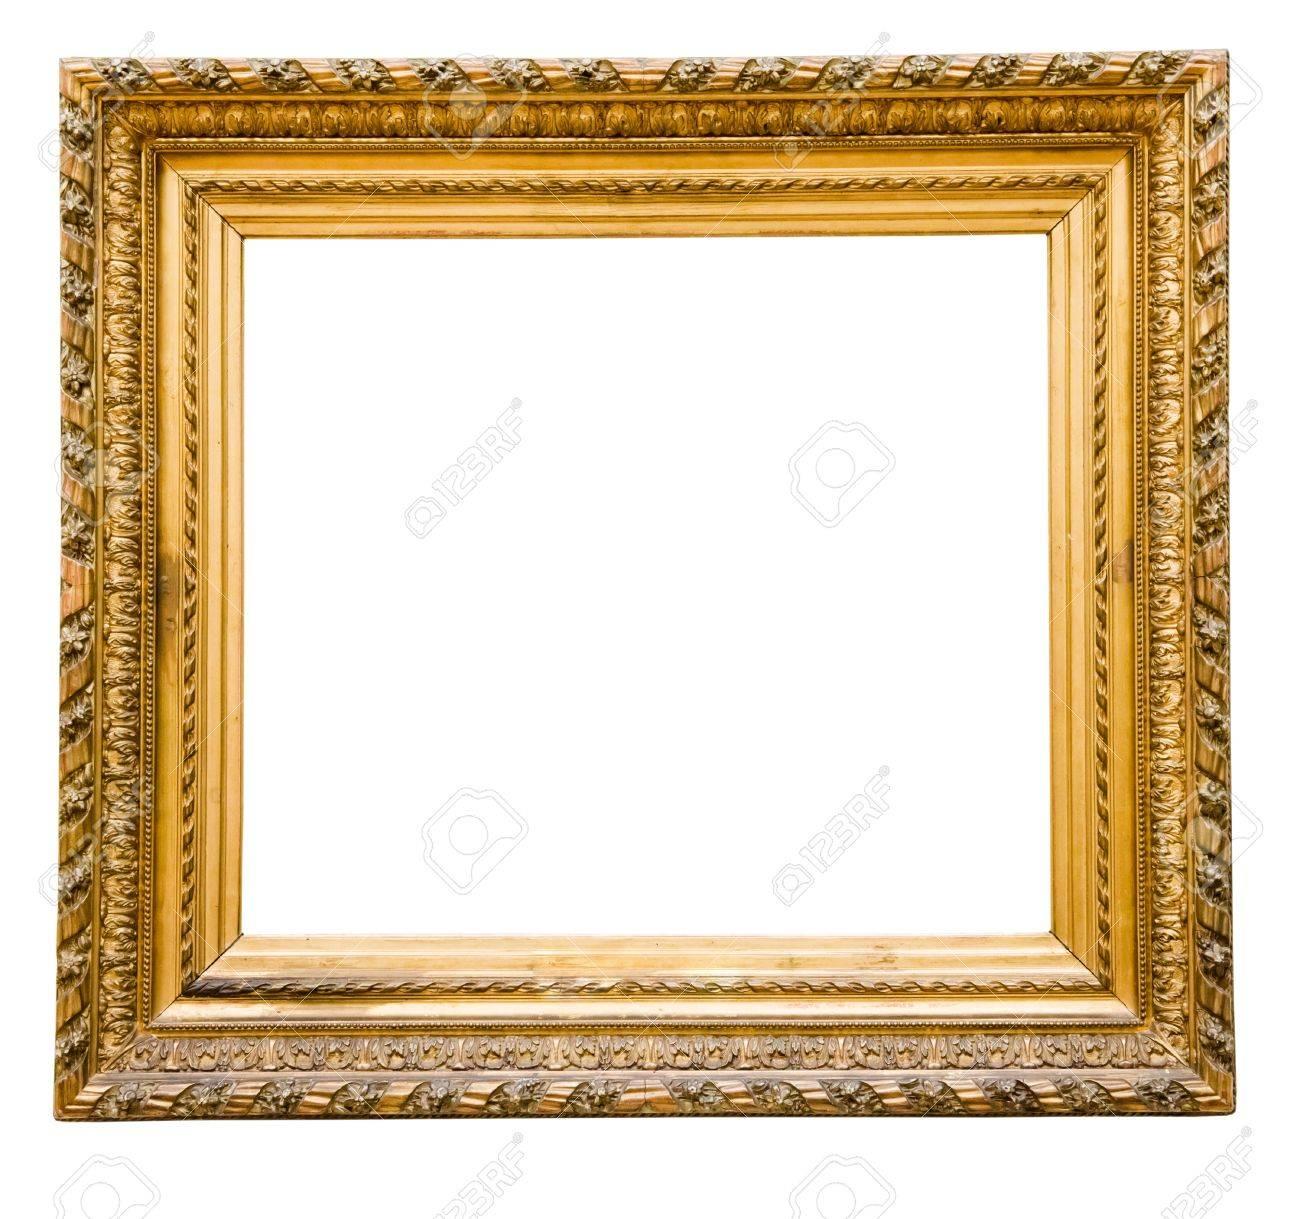 Vintage Gold Frame, Isoliert Auf Weiß Lizenzfreie Fotos, Bilder Und ...